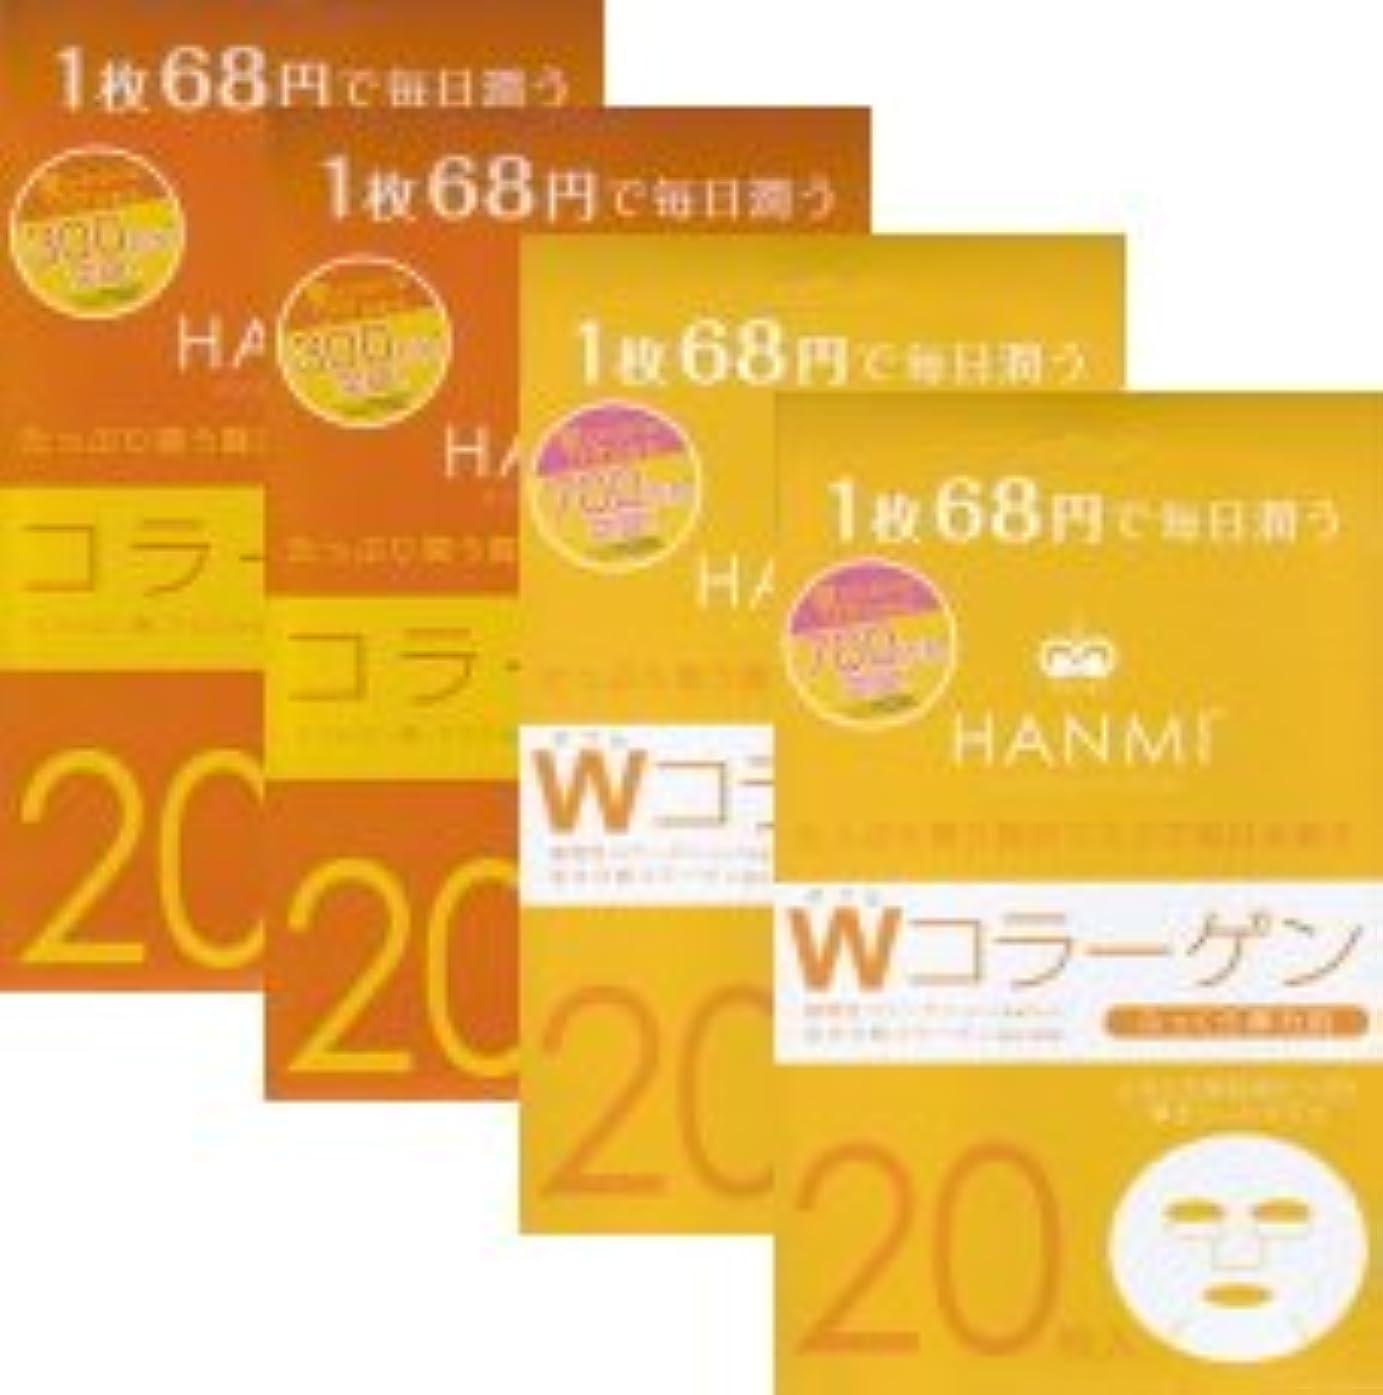 最初に取得する後方MIGAKI ハンミフェイスマスク(20枚入り)「コラーゲン×2個「Wコラーゲン×2個」の4個セット